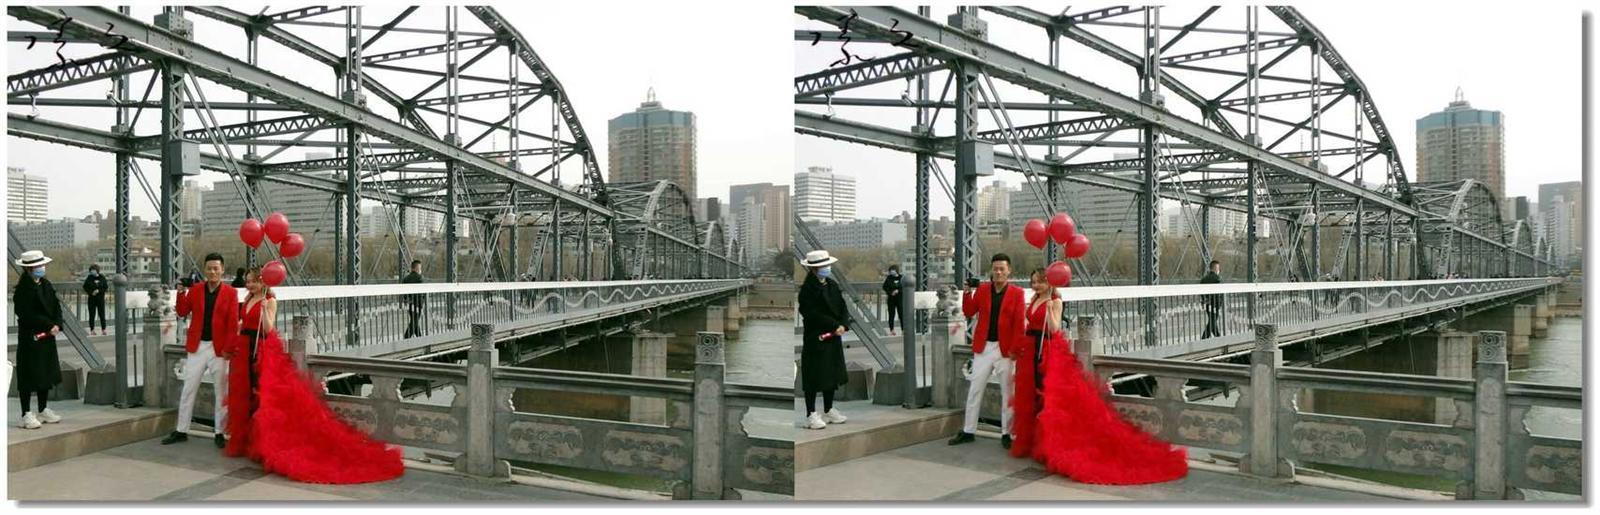 【原创】黄河桥头婚纱照 -3